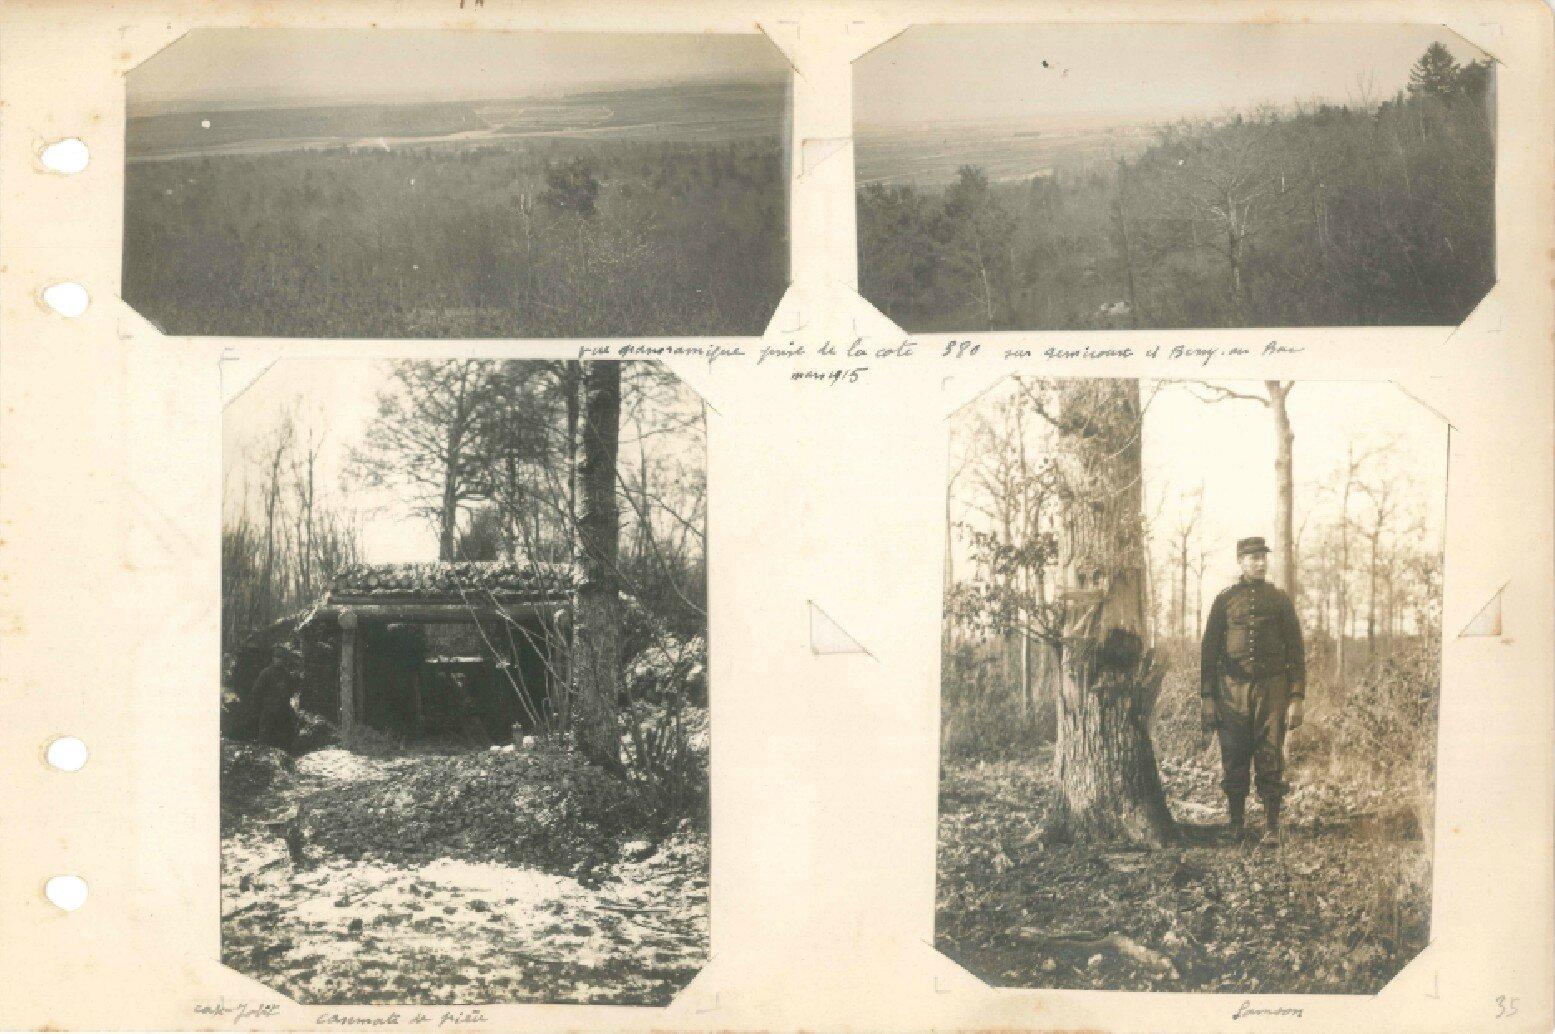 p.035 - Front de l'Aisne (13 septembre 1914 – 22 mai 1915)